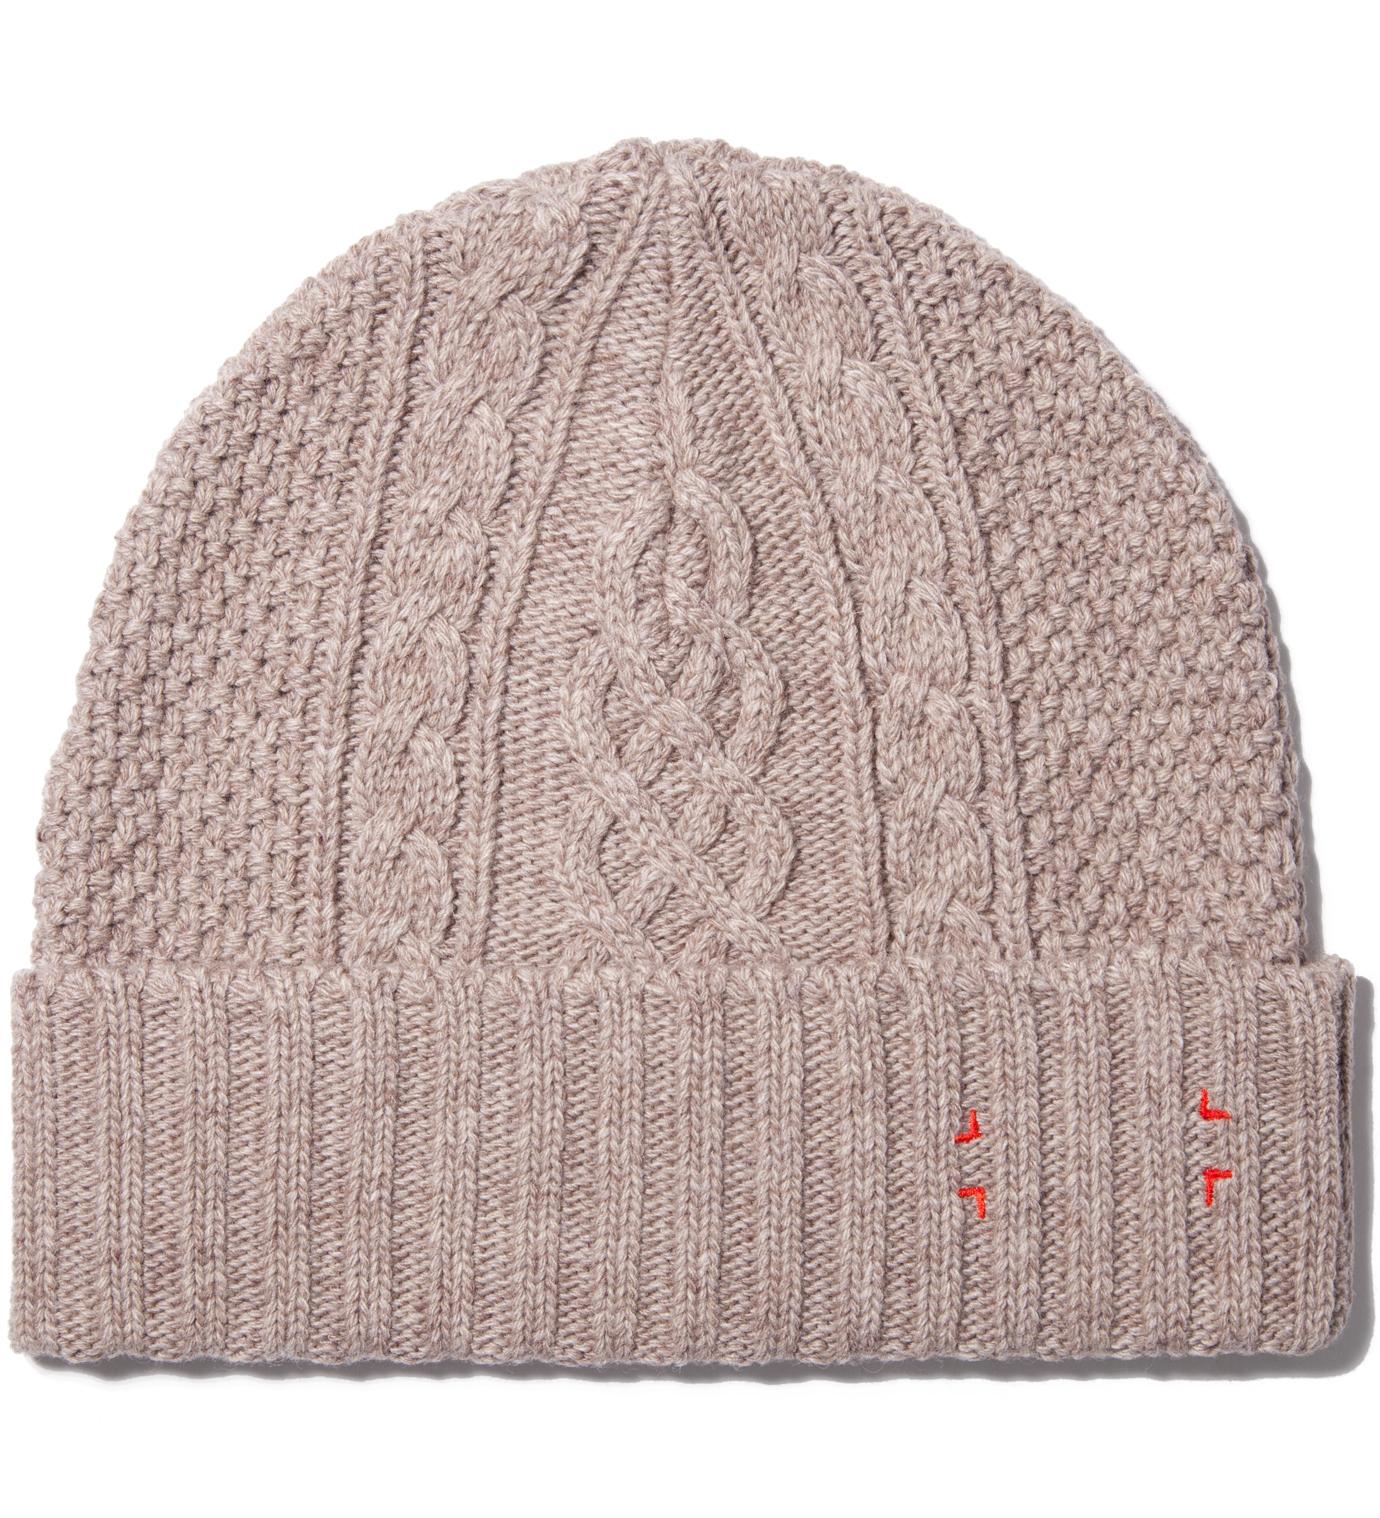 CASH CA Beige Knit Cap